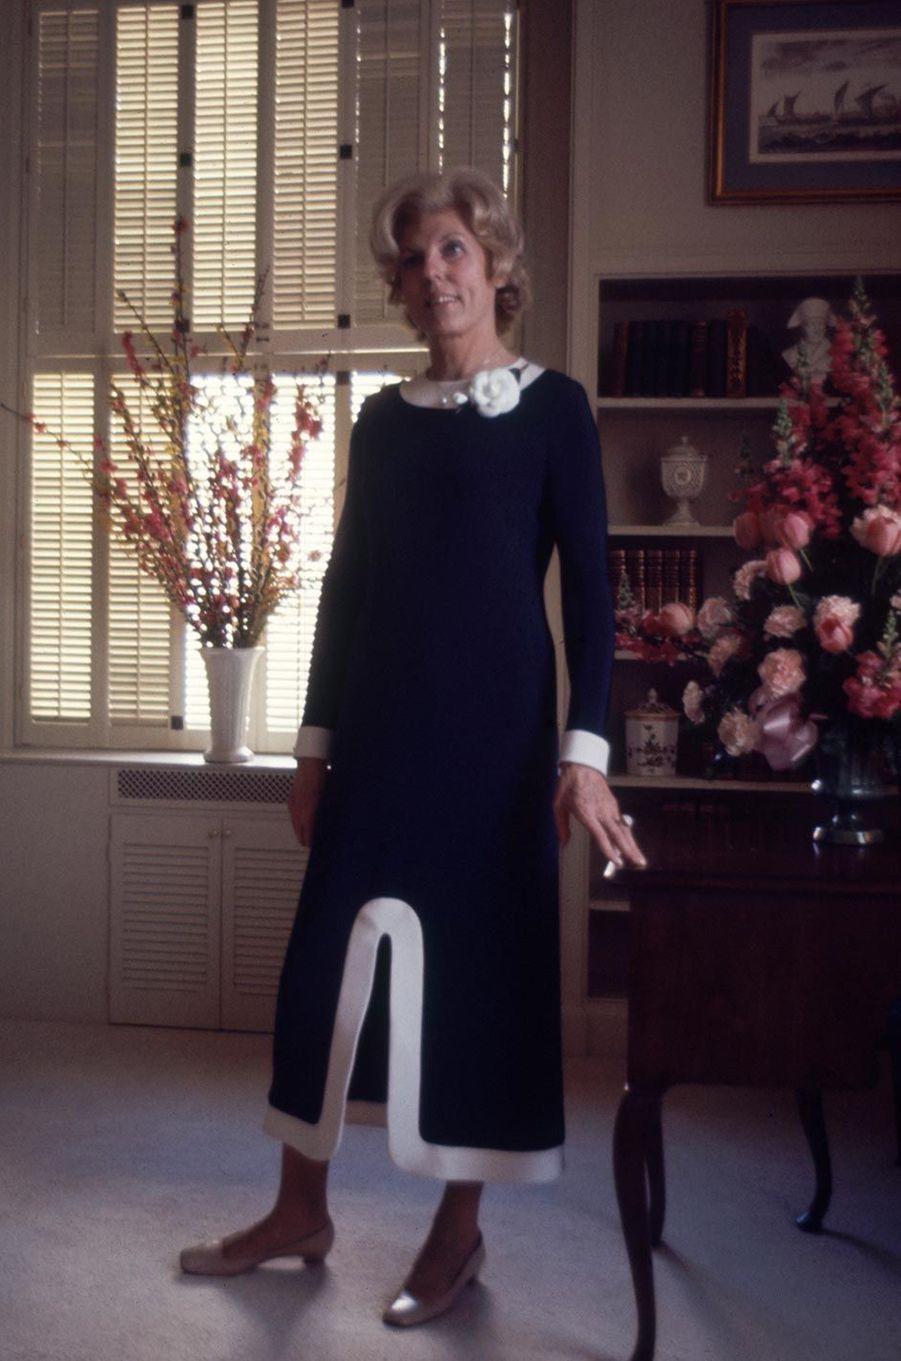 Avec Claude Pompidou, la Première dame n'est plus seulement une silhouette, c'est une femme avec un corps sexy. Elle sait se mettre en valeur, avec un goût très sûr et, du coup, valorise son rôle. De plus, un rien l'habille! Tailleur, short en vacances ou fourreau du soir, elle porte nos couturiers emblématiques : Dior, Cardin, Givenchy, Scherrer...